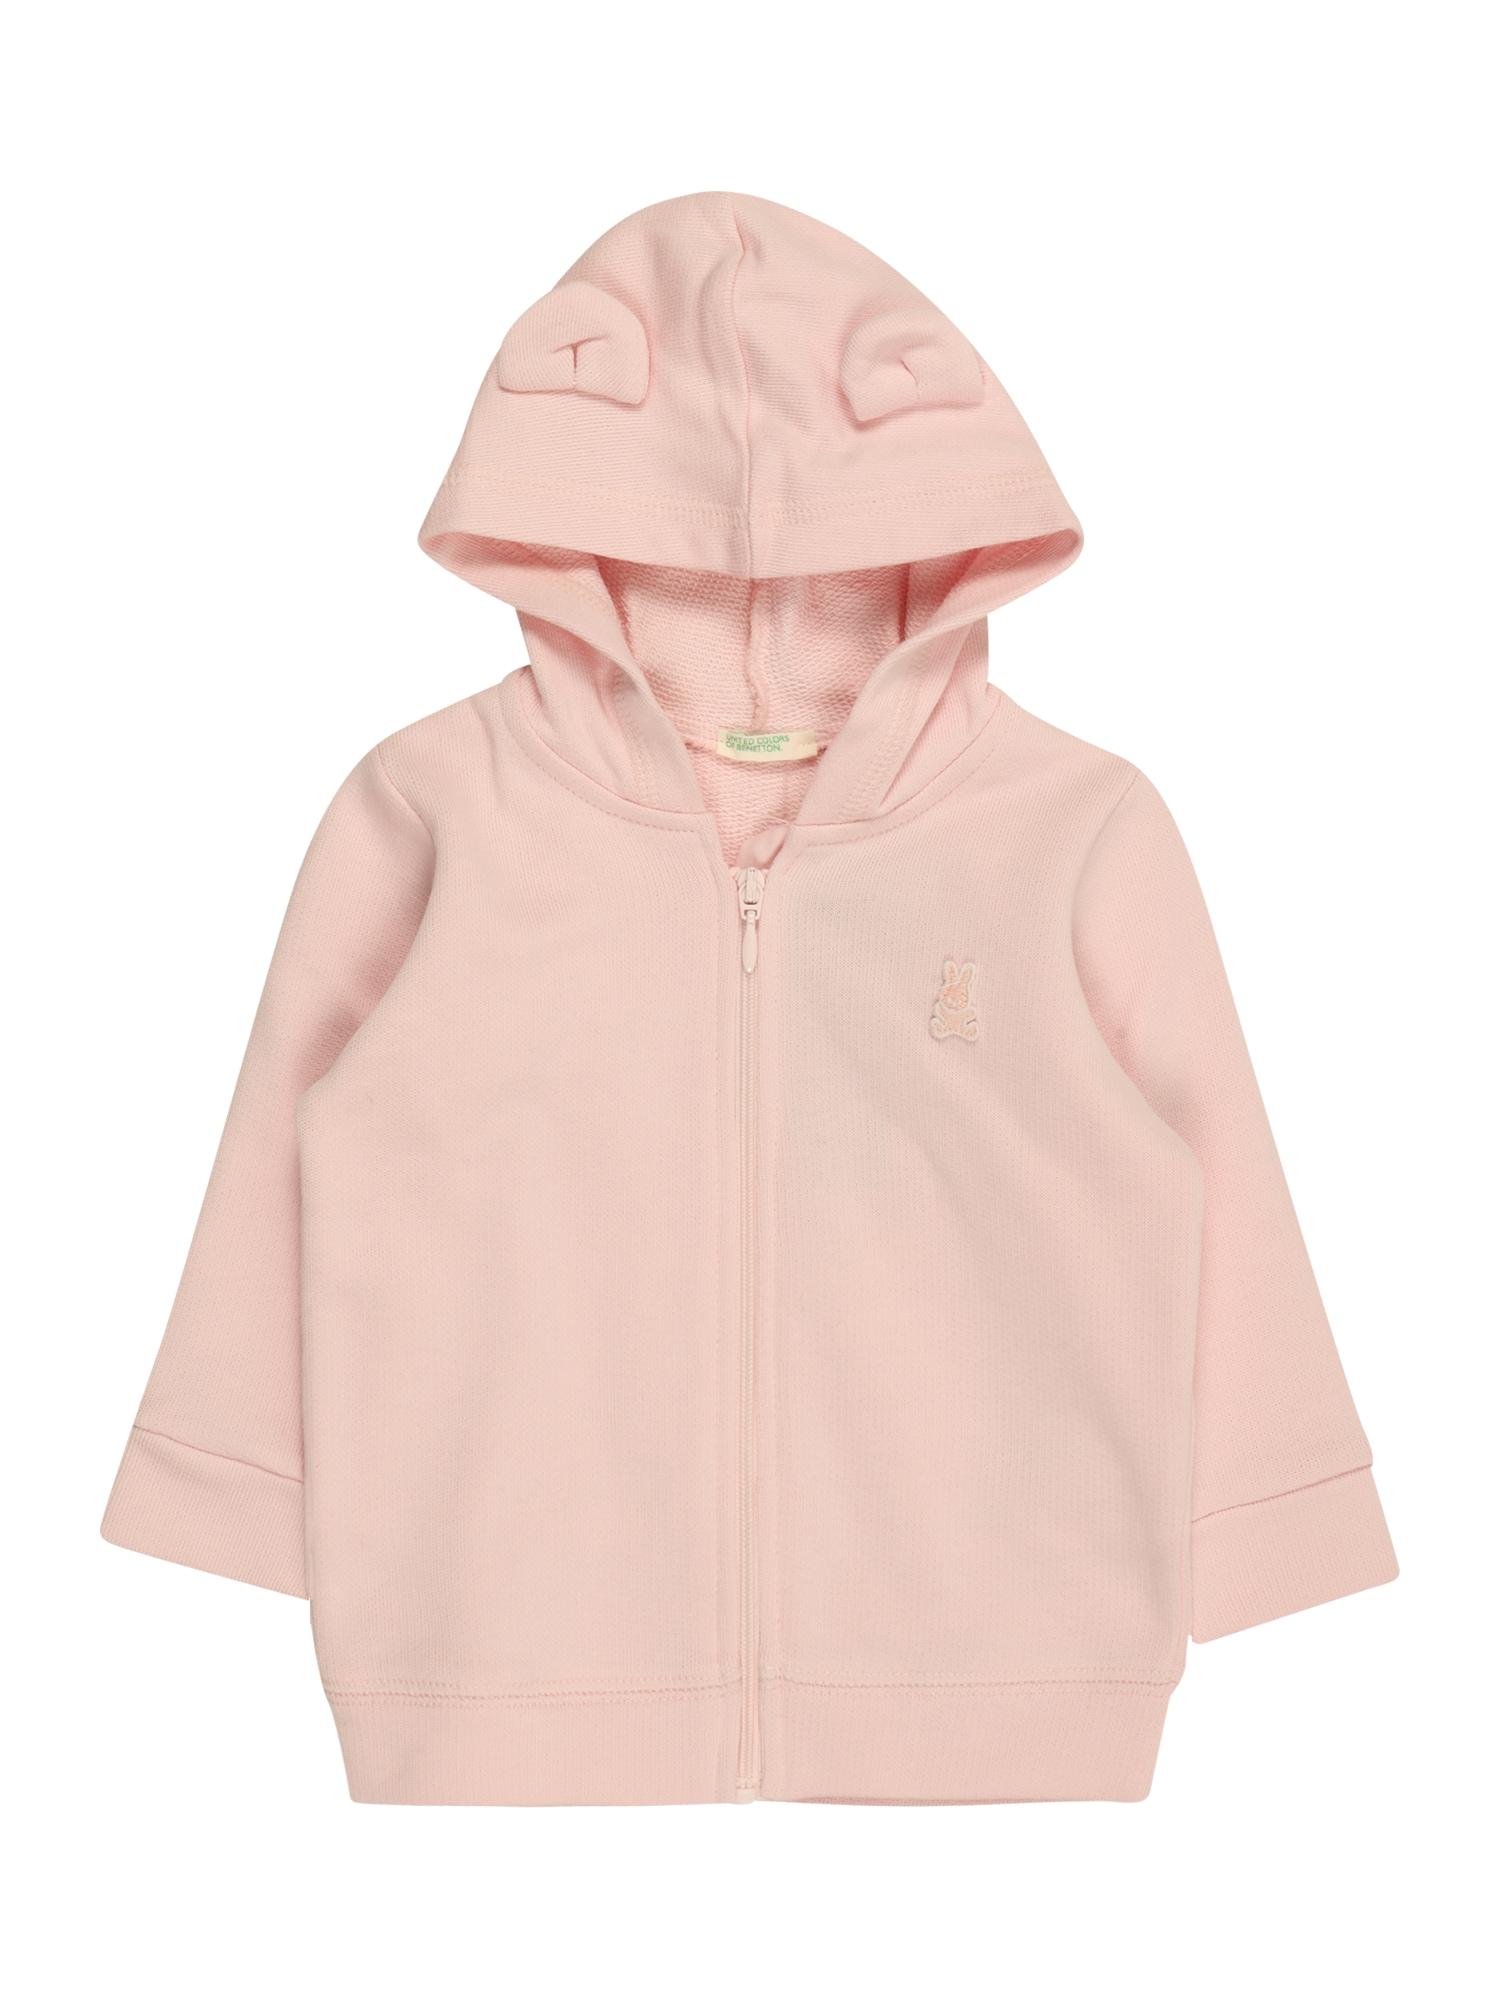 UNITED COLORS OF BENETTON Džemperis ryškiai rožinė spalva